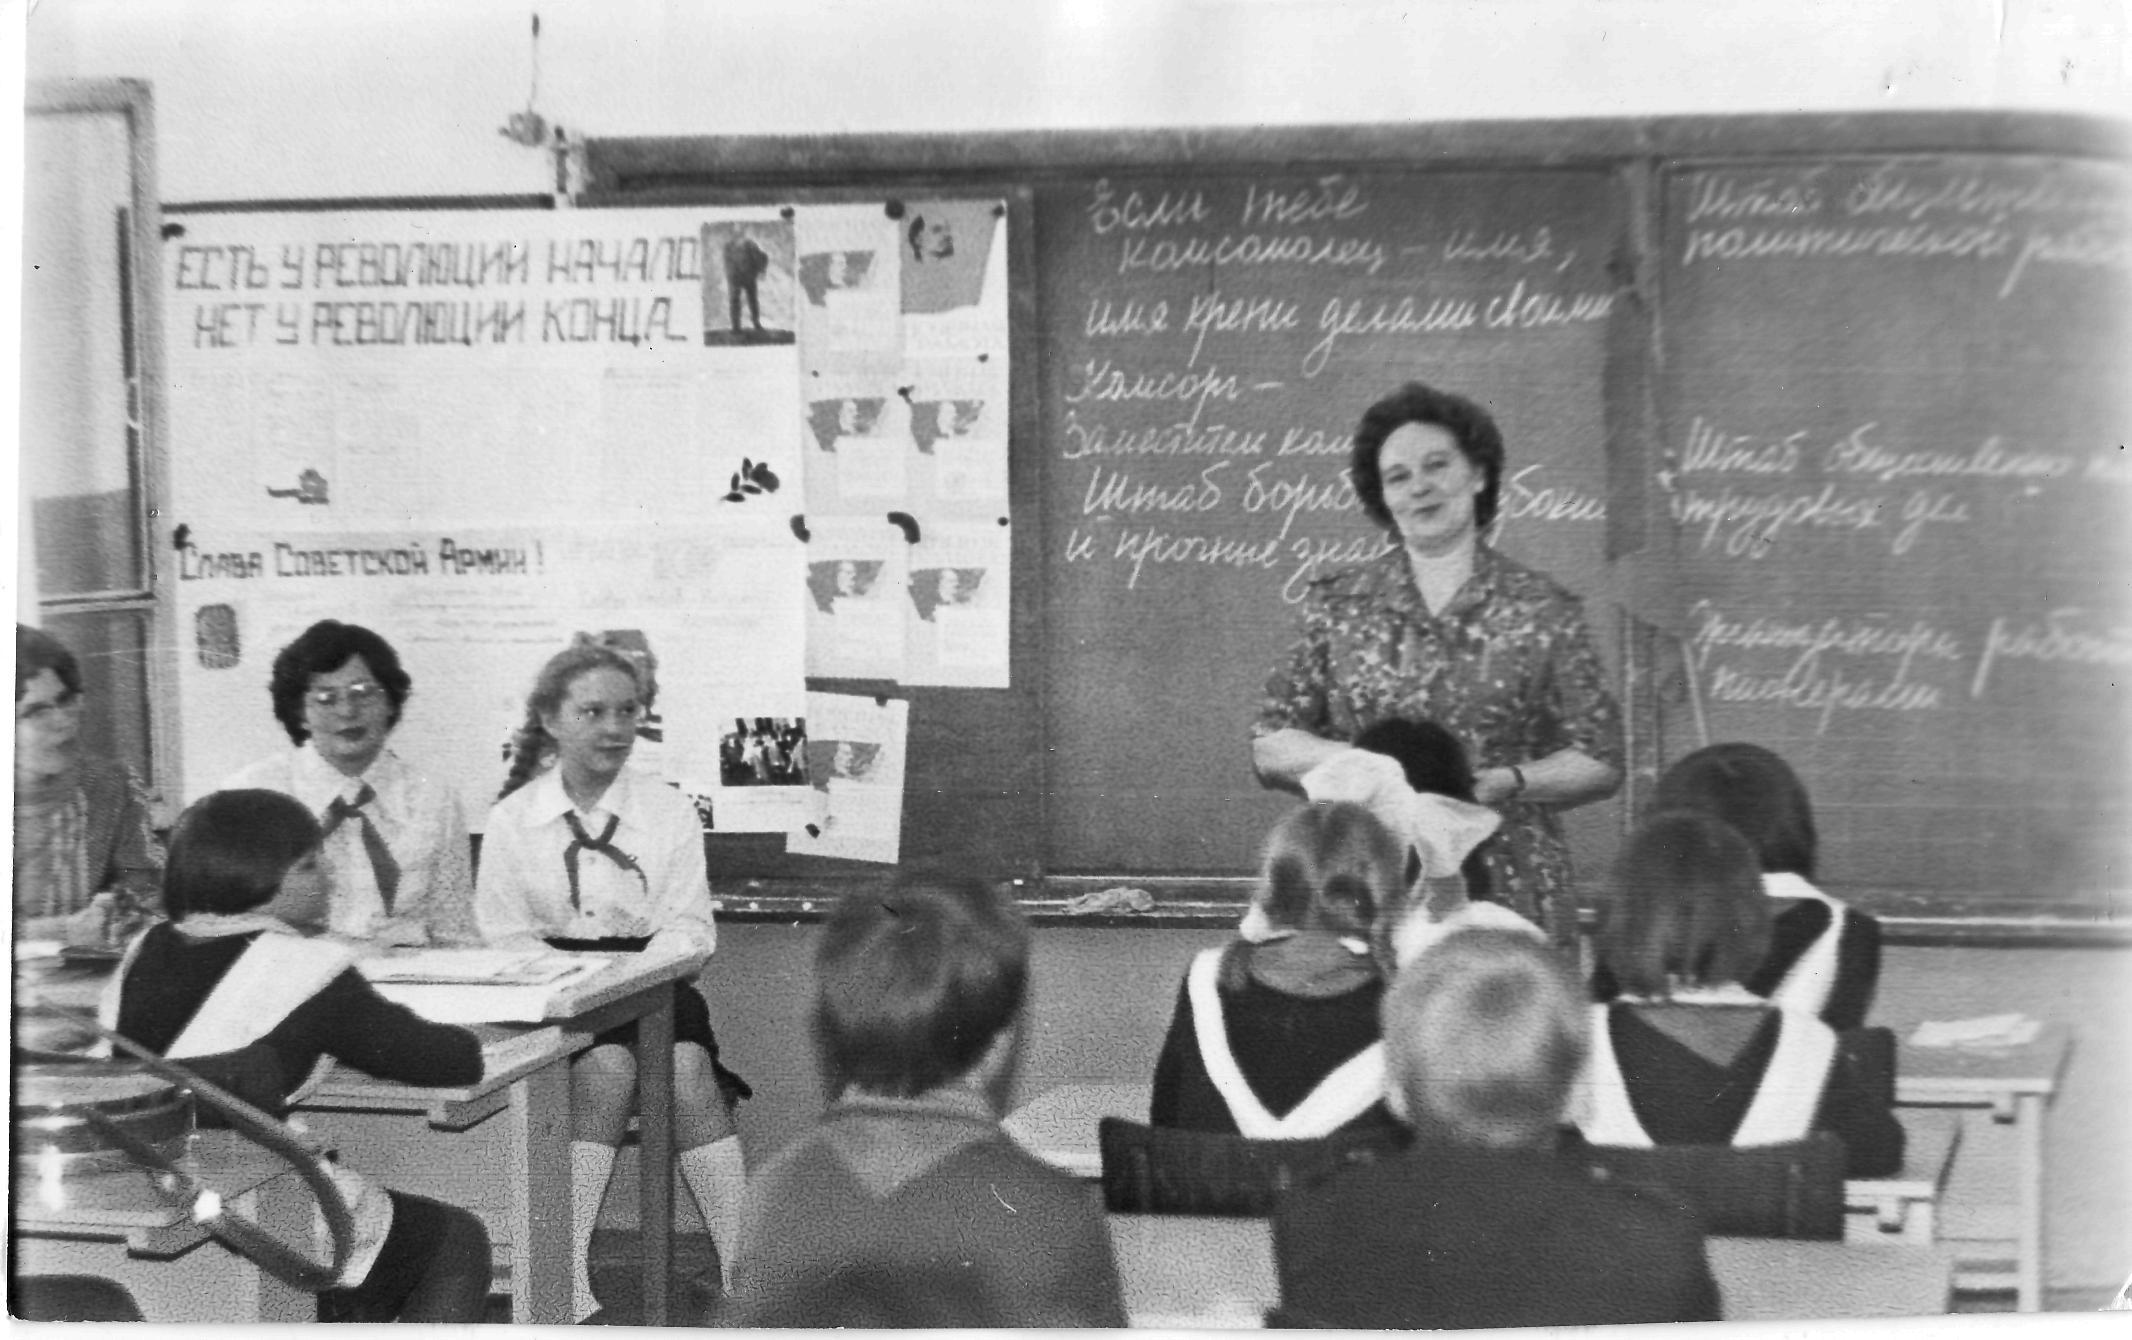 Венера Викентьевна Белькова - гость пионерского сбора. 1982 год